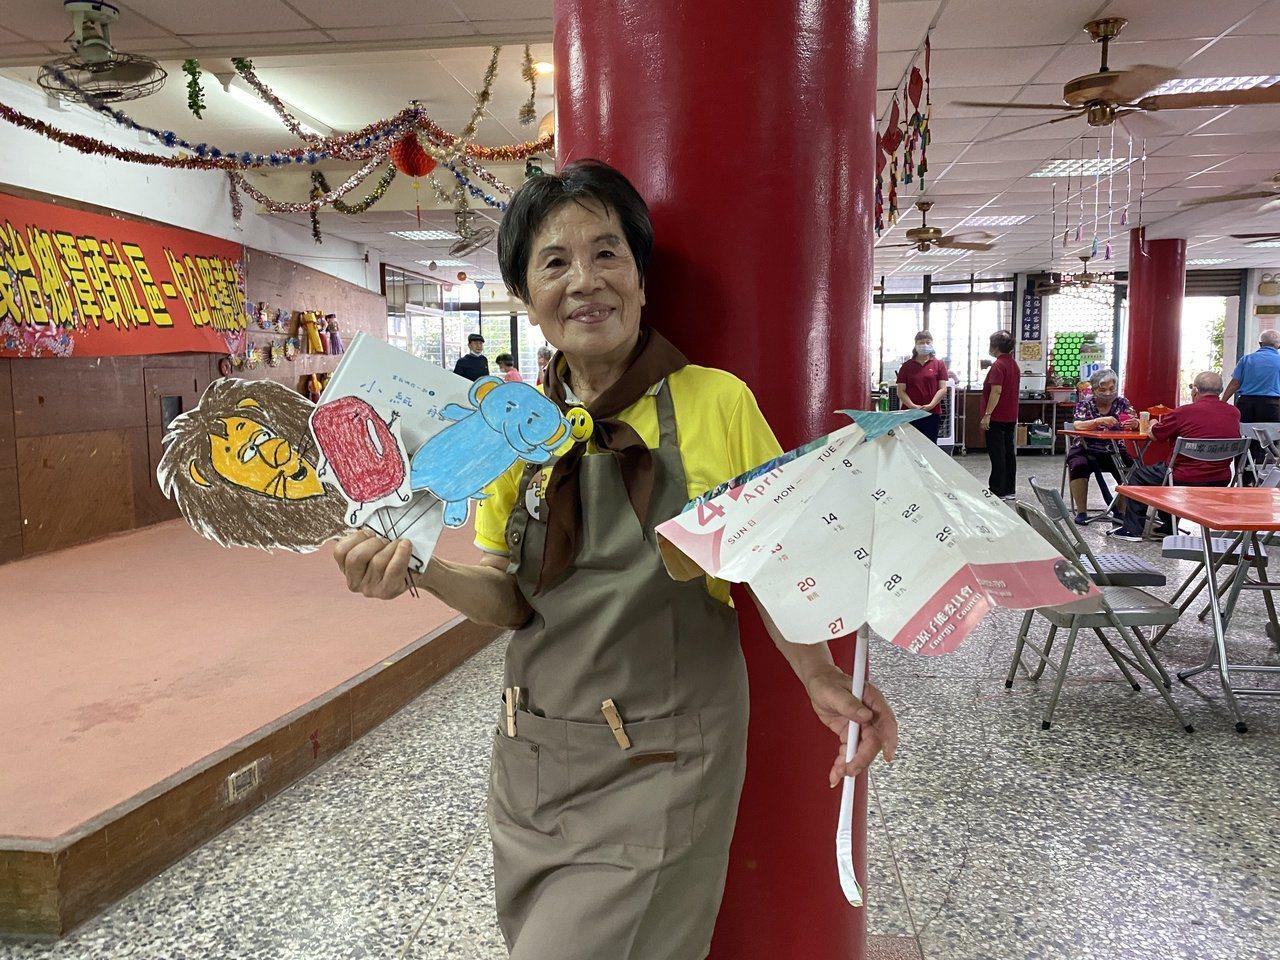 畢嘉士繪本行動員曾敏,76歲的她是國小退休老師。  圖/劉星君 攝影